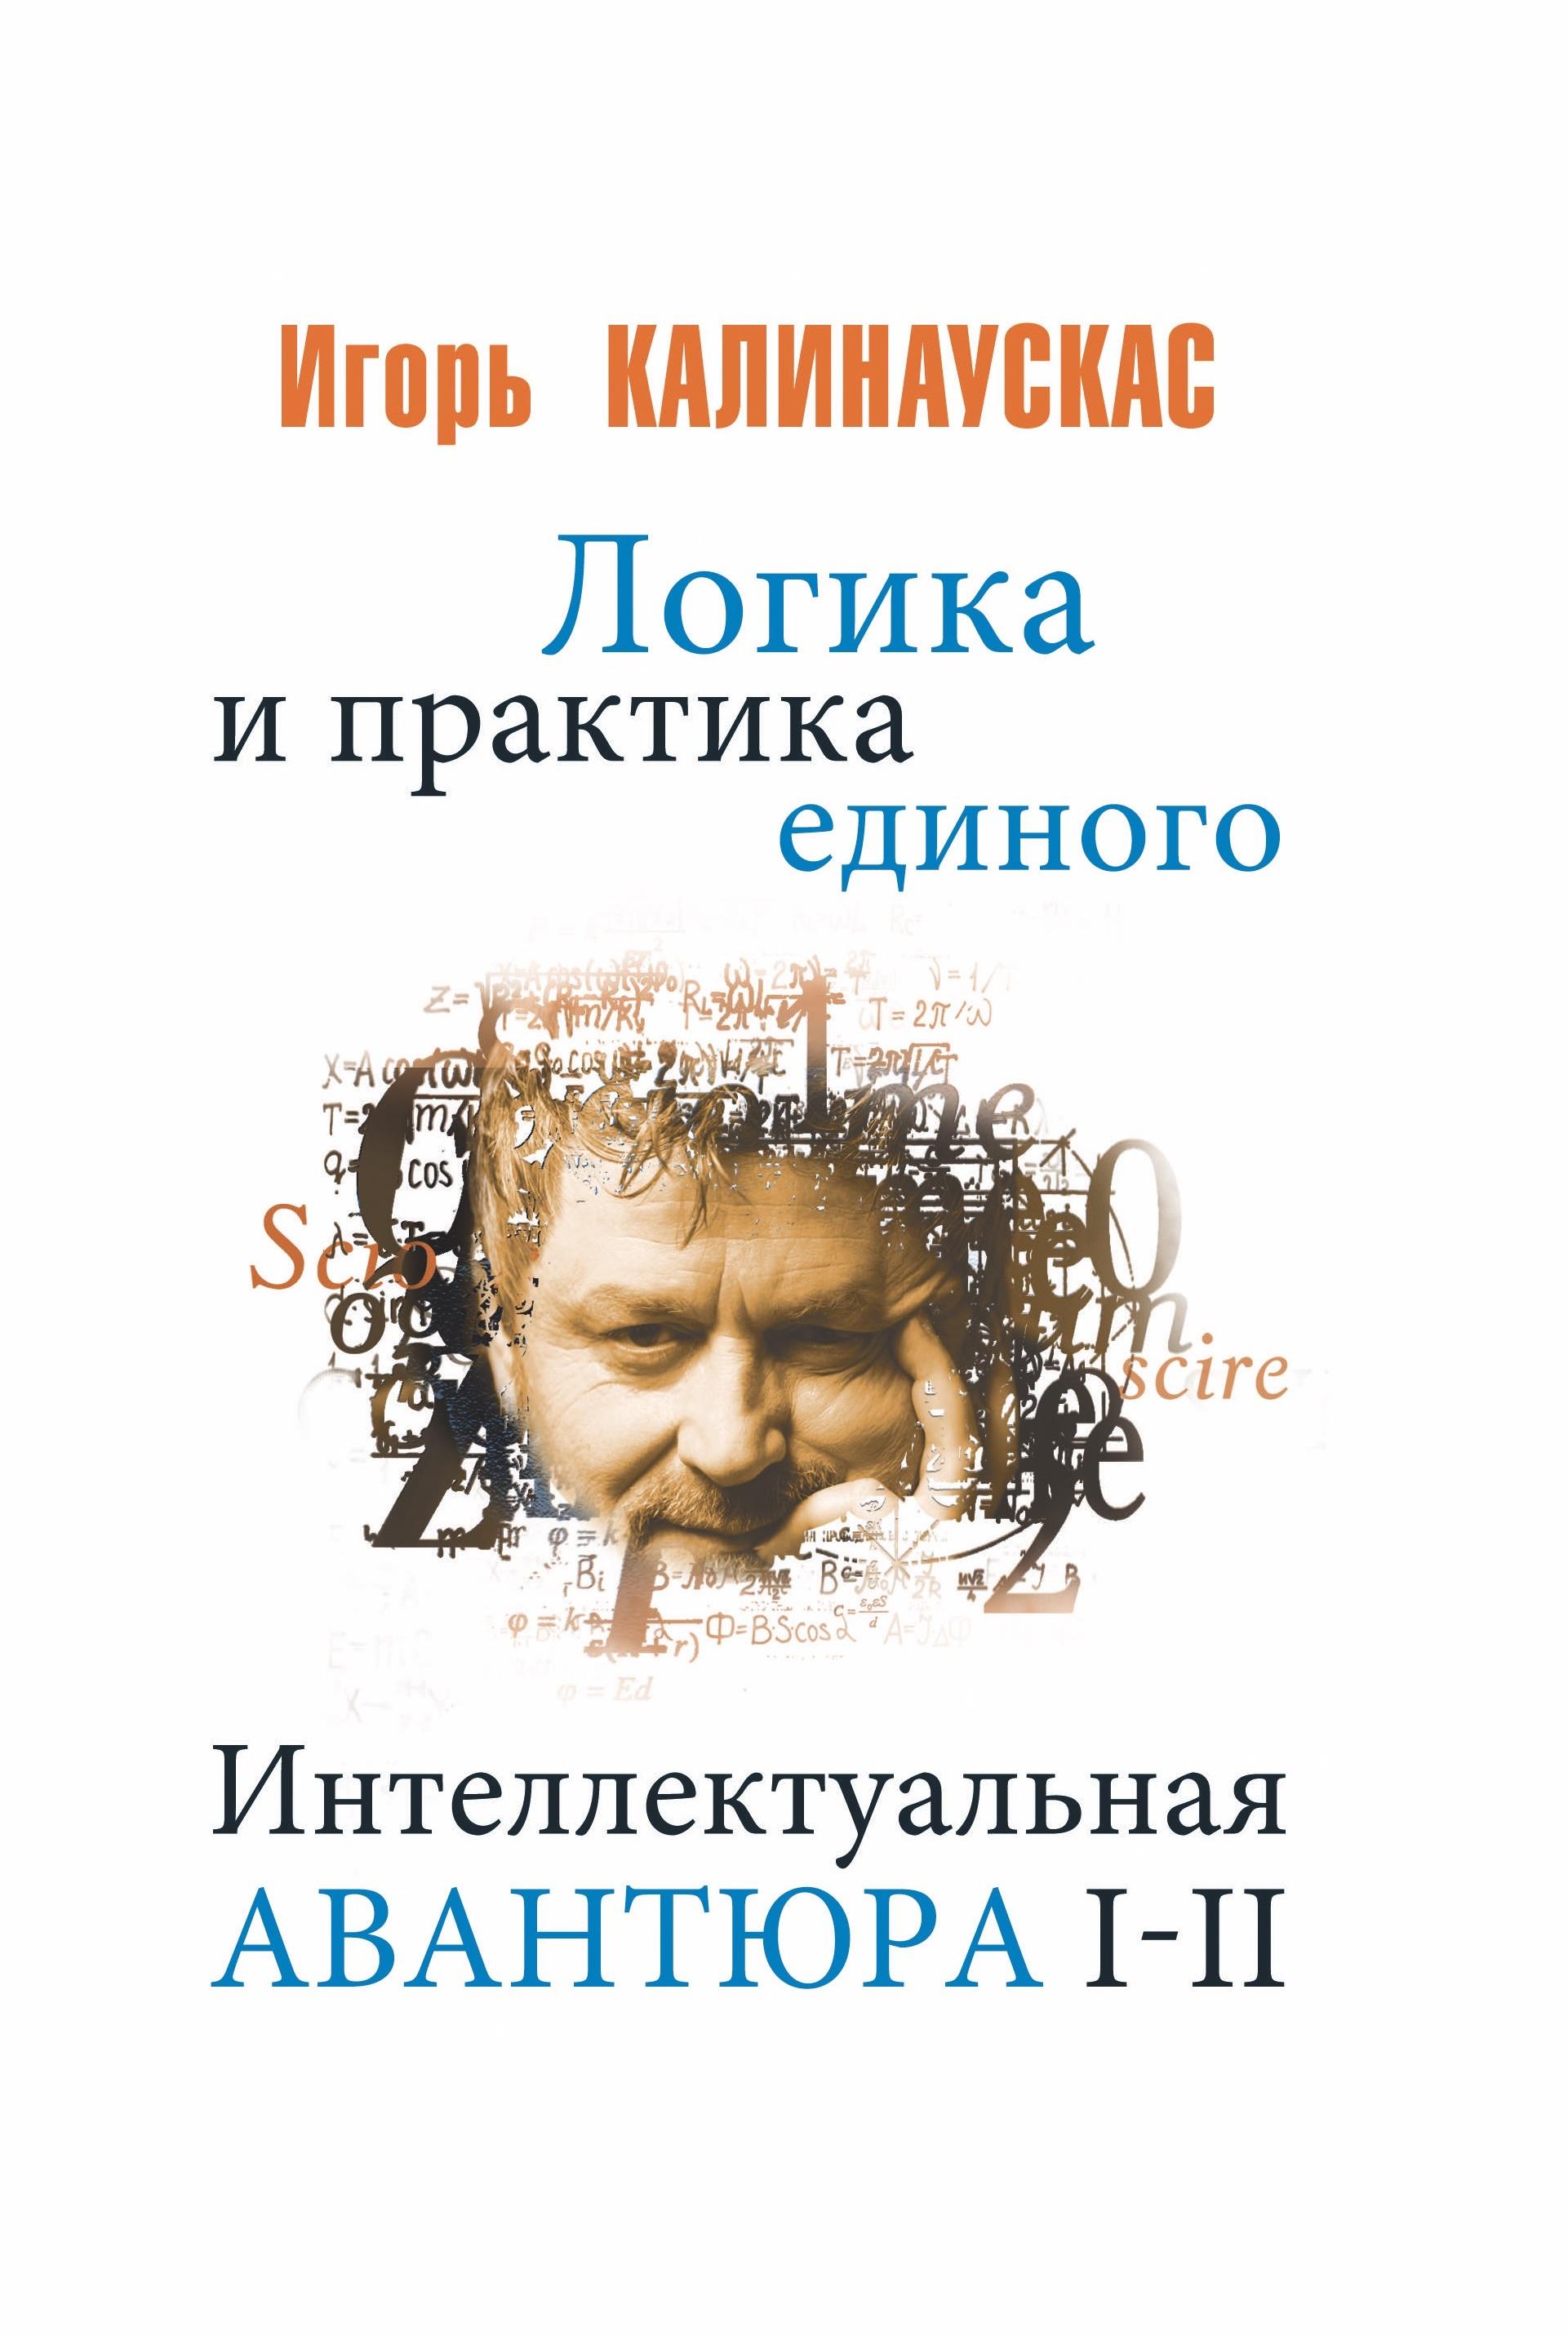 """Книга Игоря Калинаускаса """"Интеллектуальная авантюра. Логика и практика единого"""" 12+ 00004"""